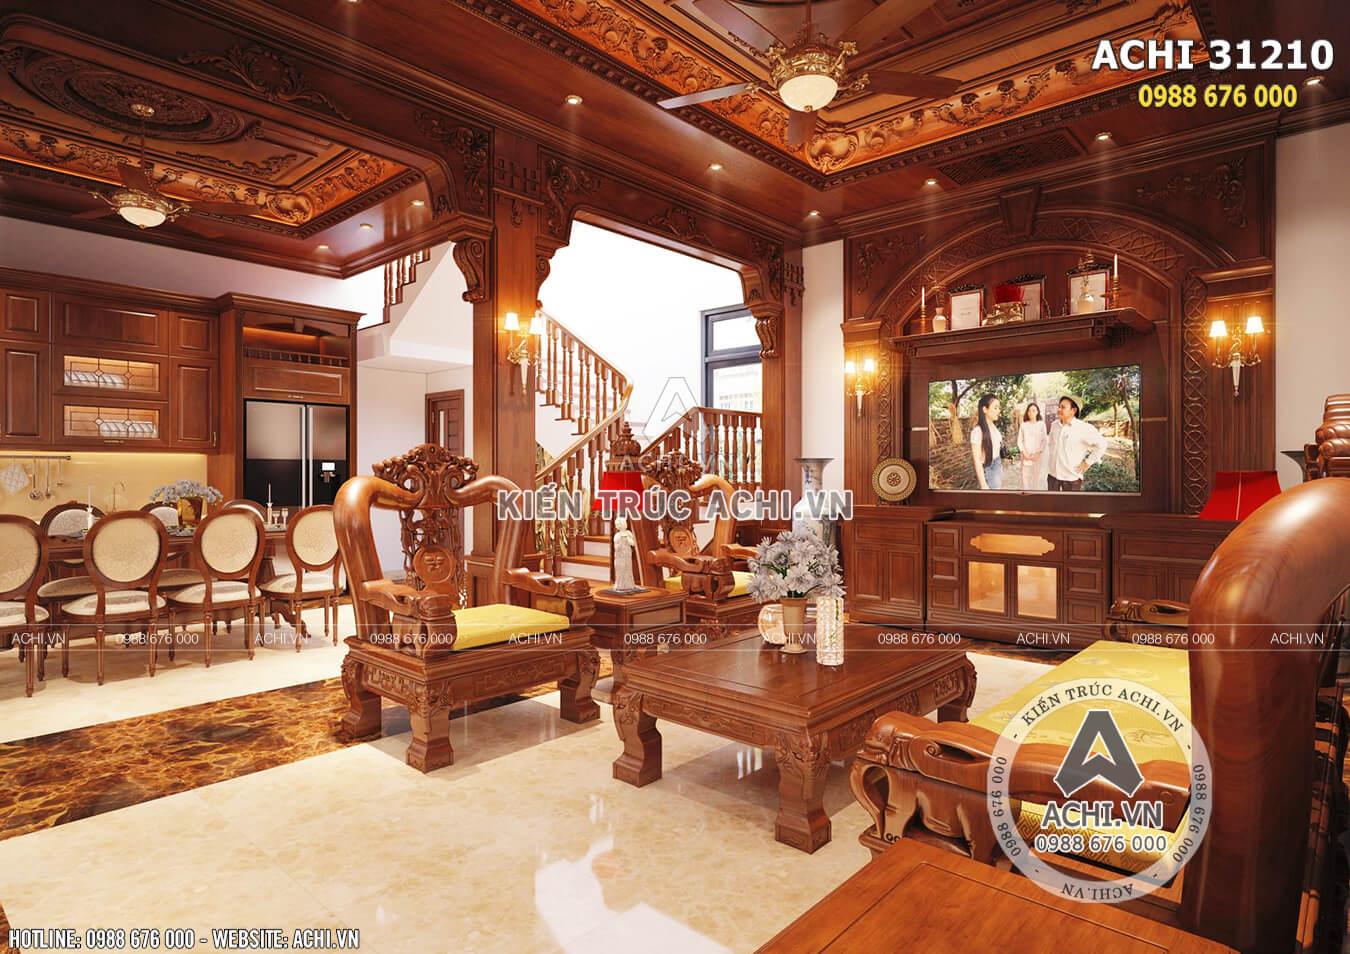 Nội thất mẫu nhà tân cổ điển 3 tầng